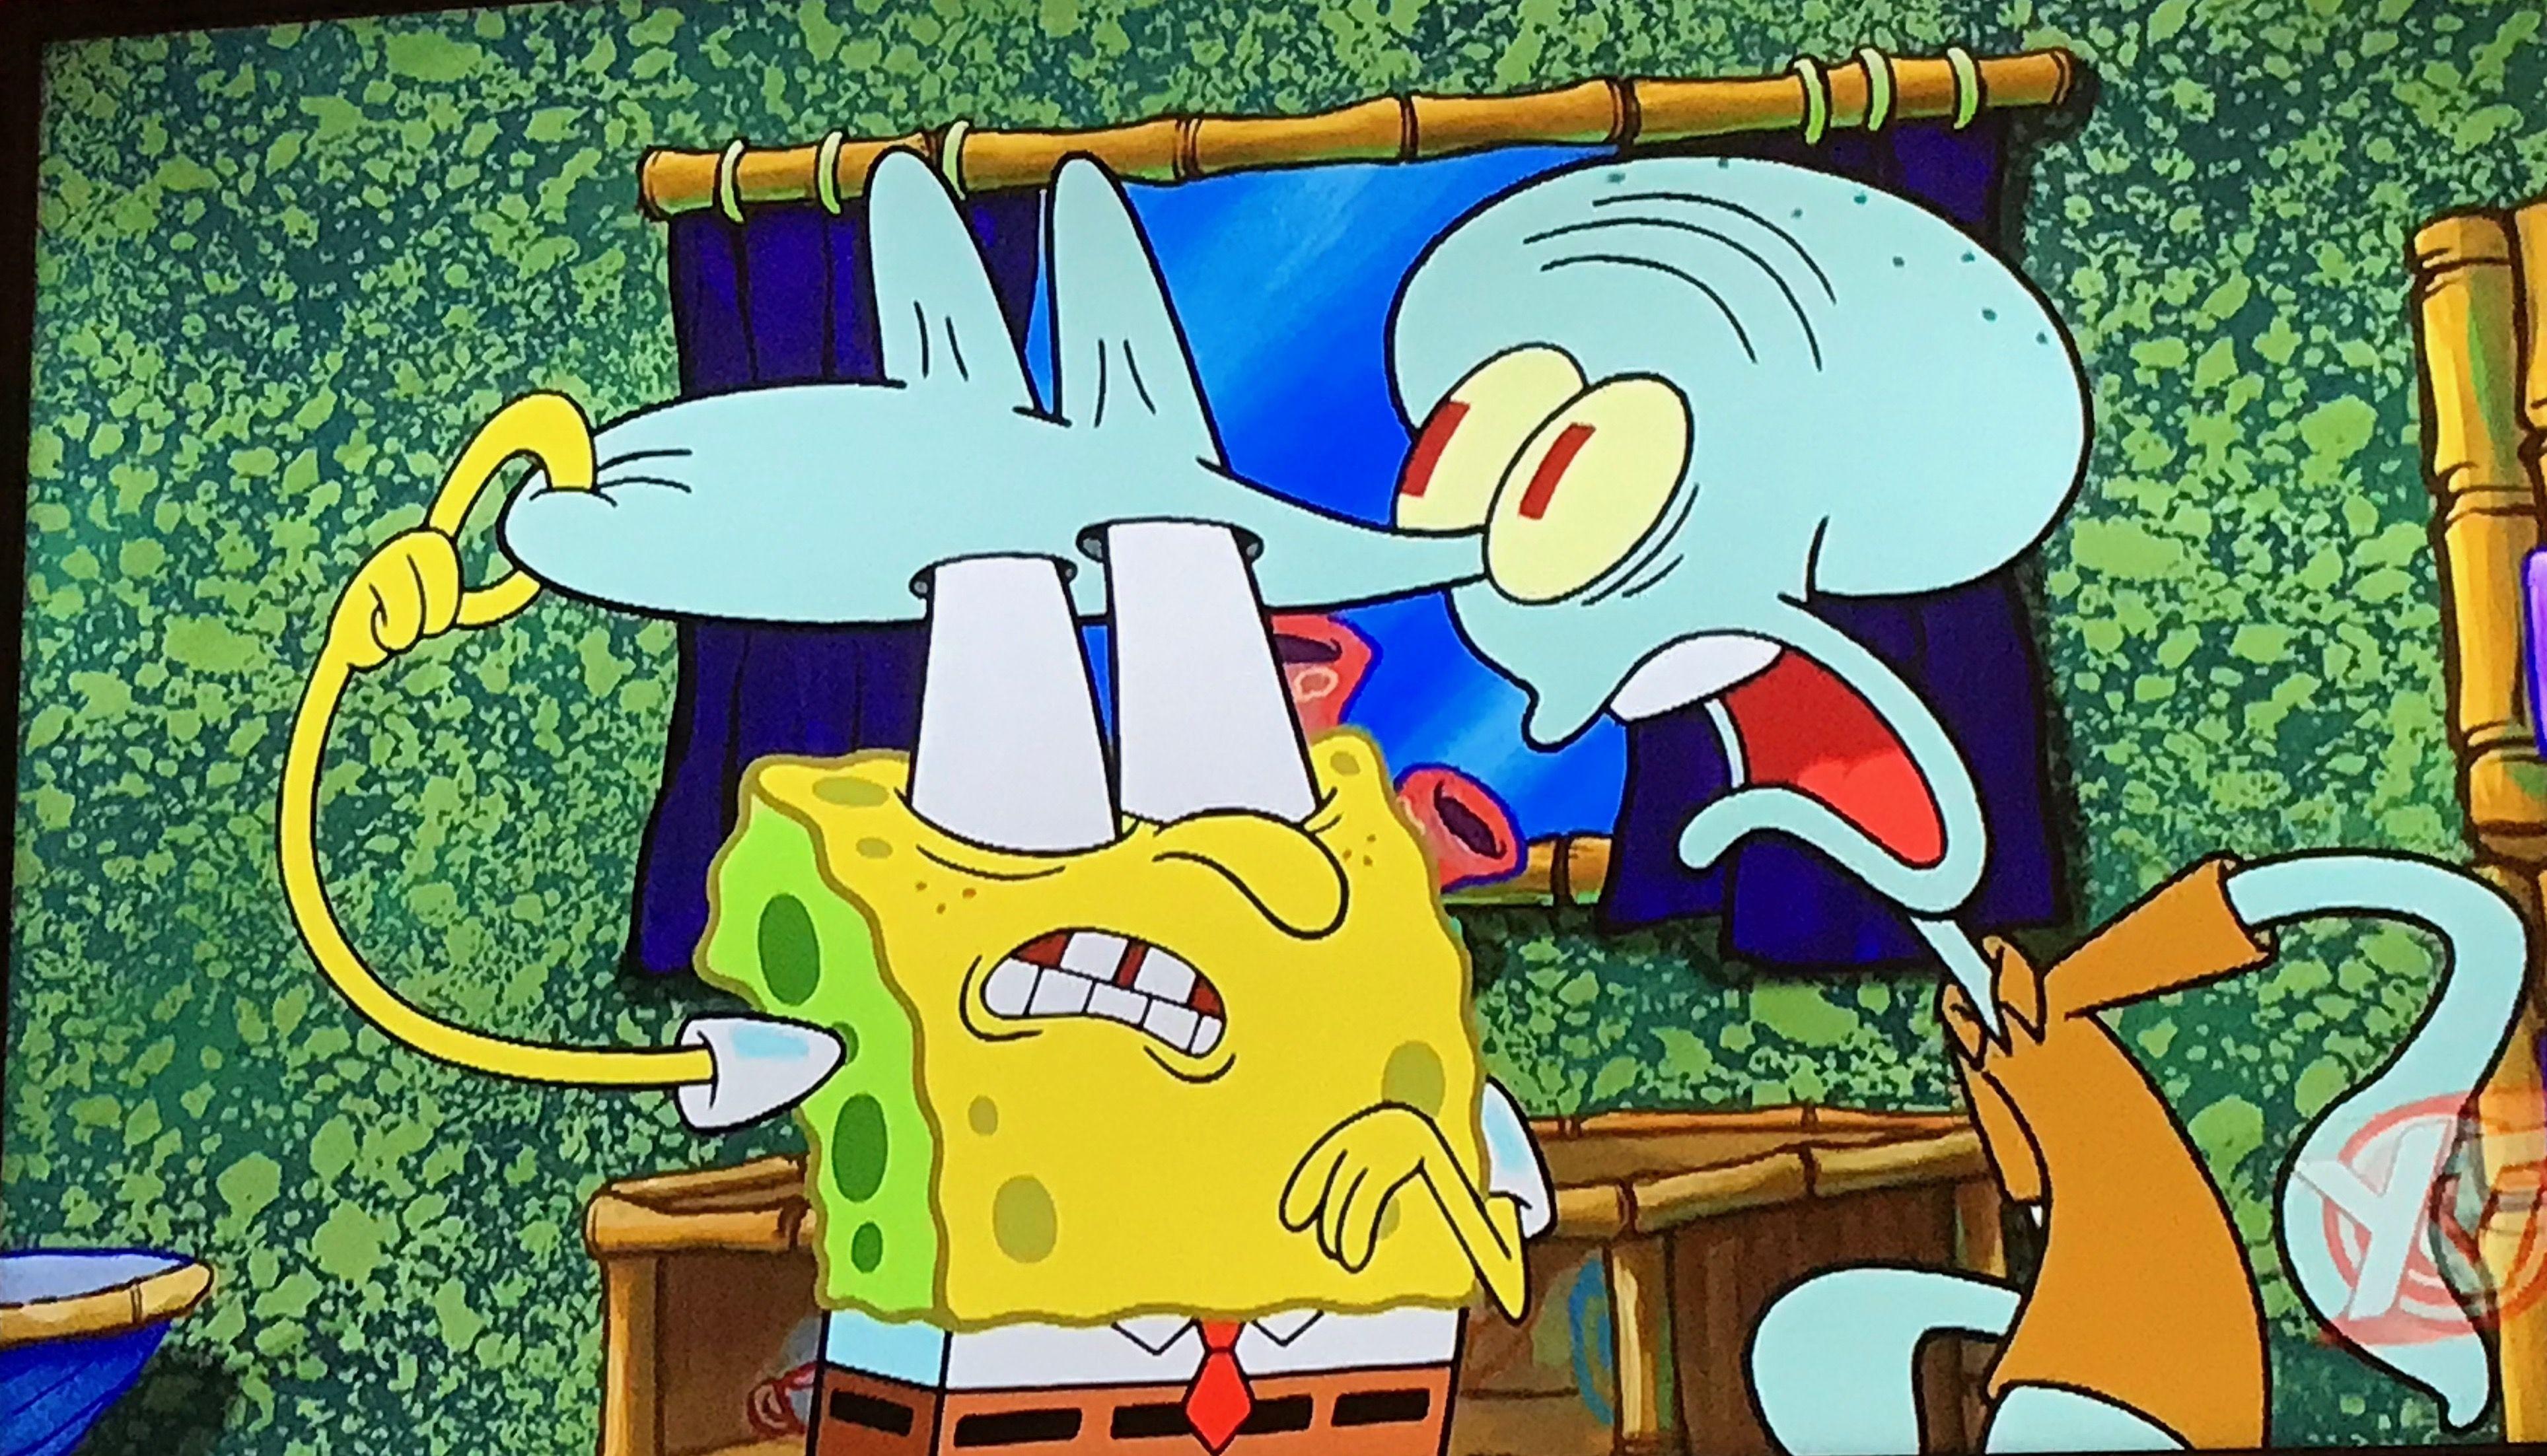 Sponge bob spongebob squarepants cursed images reaction pictures spam puppet